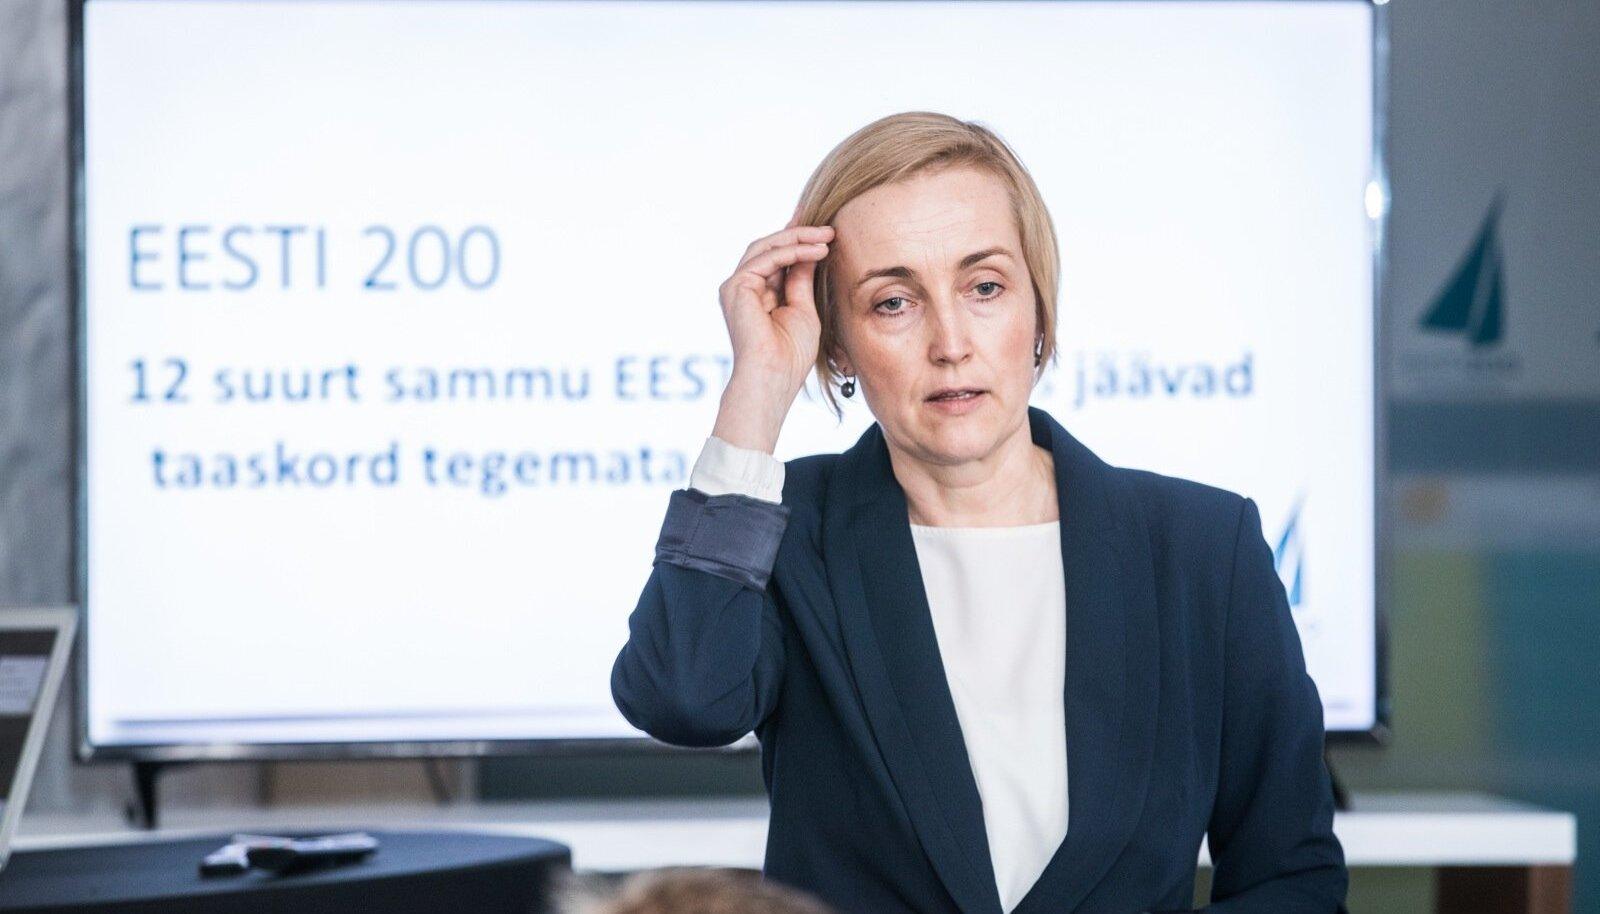 5585716ef2b FOTOD   Eesti 200 seisakukoalitsioonist: 12 SUURT sammu EESTI jaoks, mis  jäävad taaskord tegemata